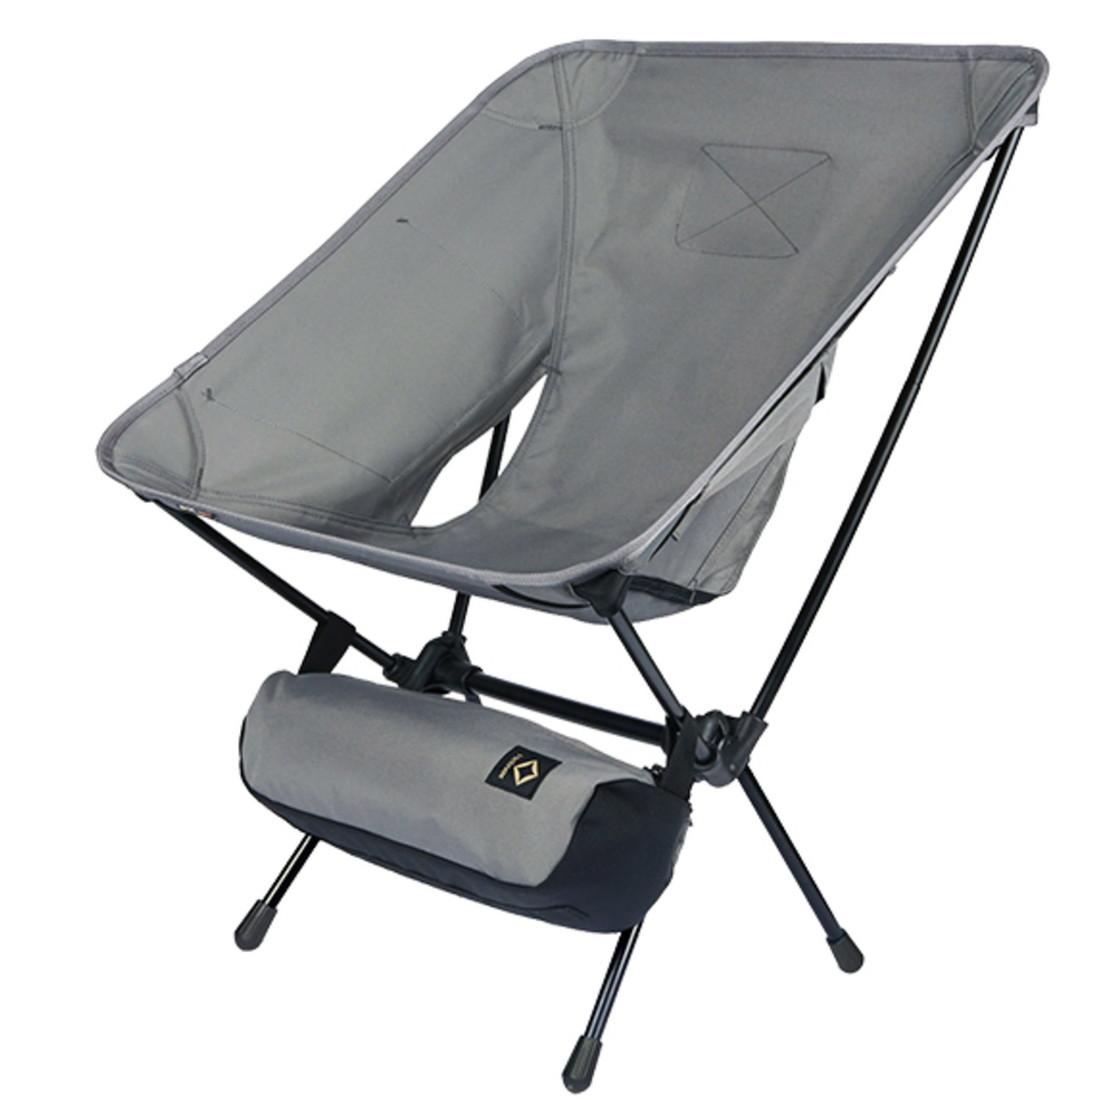 ヘリノックス タクティカルチェア 折りたたみ椅子チェアー  国内正規品